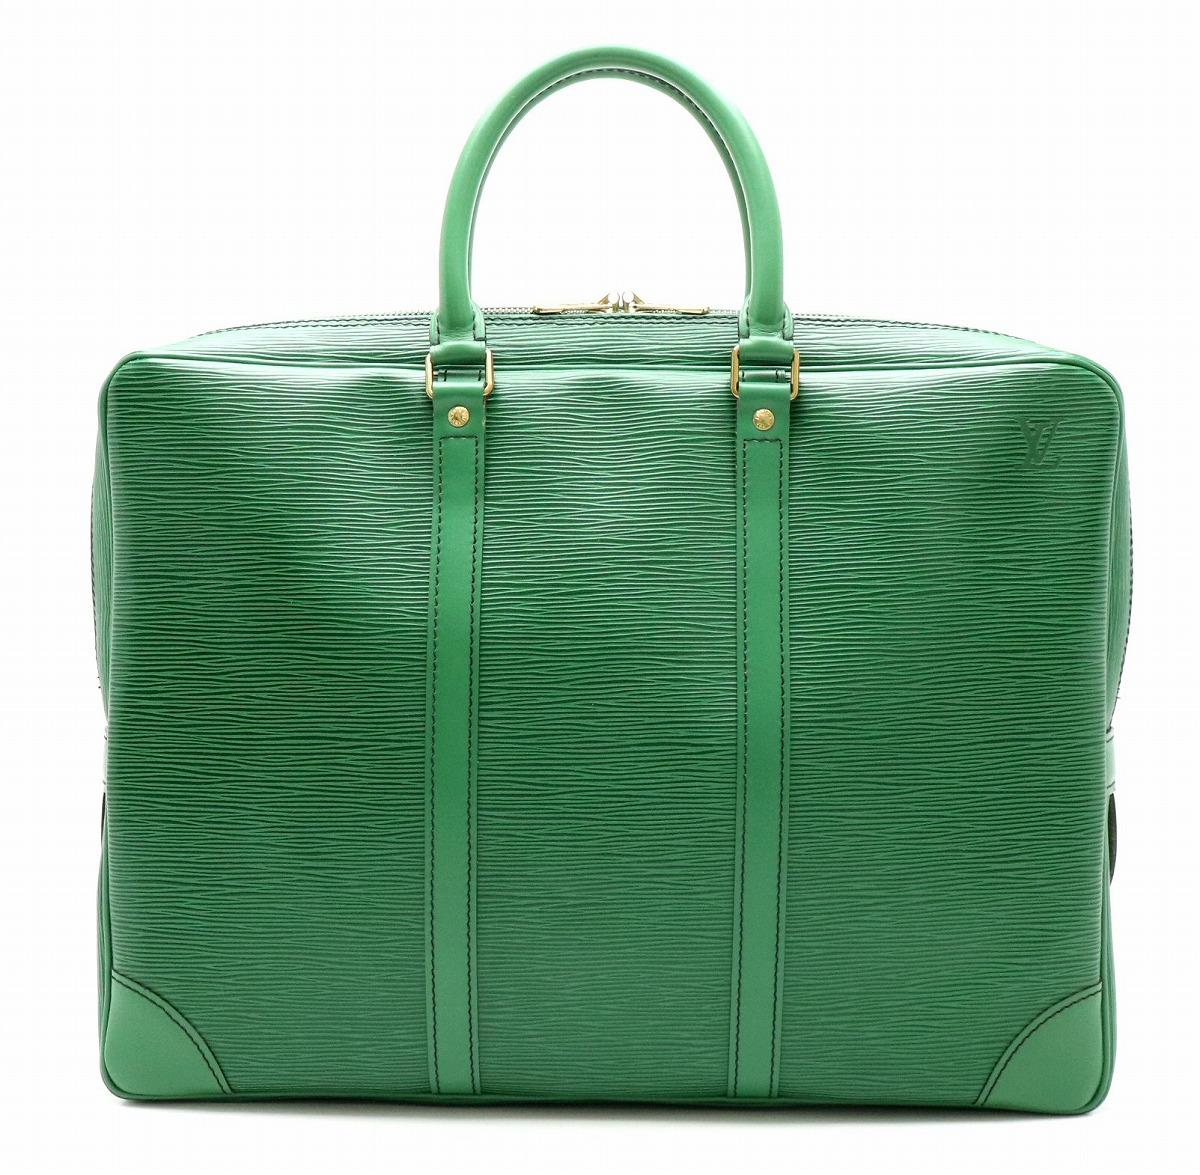 【バッグ】LOUIS VUITTON ルイ ヴィトン エピ ヴォワヤージュ ビジネスバッグ 書類カバン ブリーフケース レザー ボルネオグリーン 緑 M54474 【中古】【k】